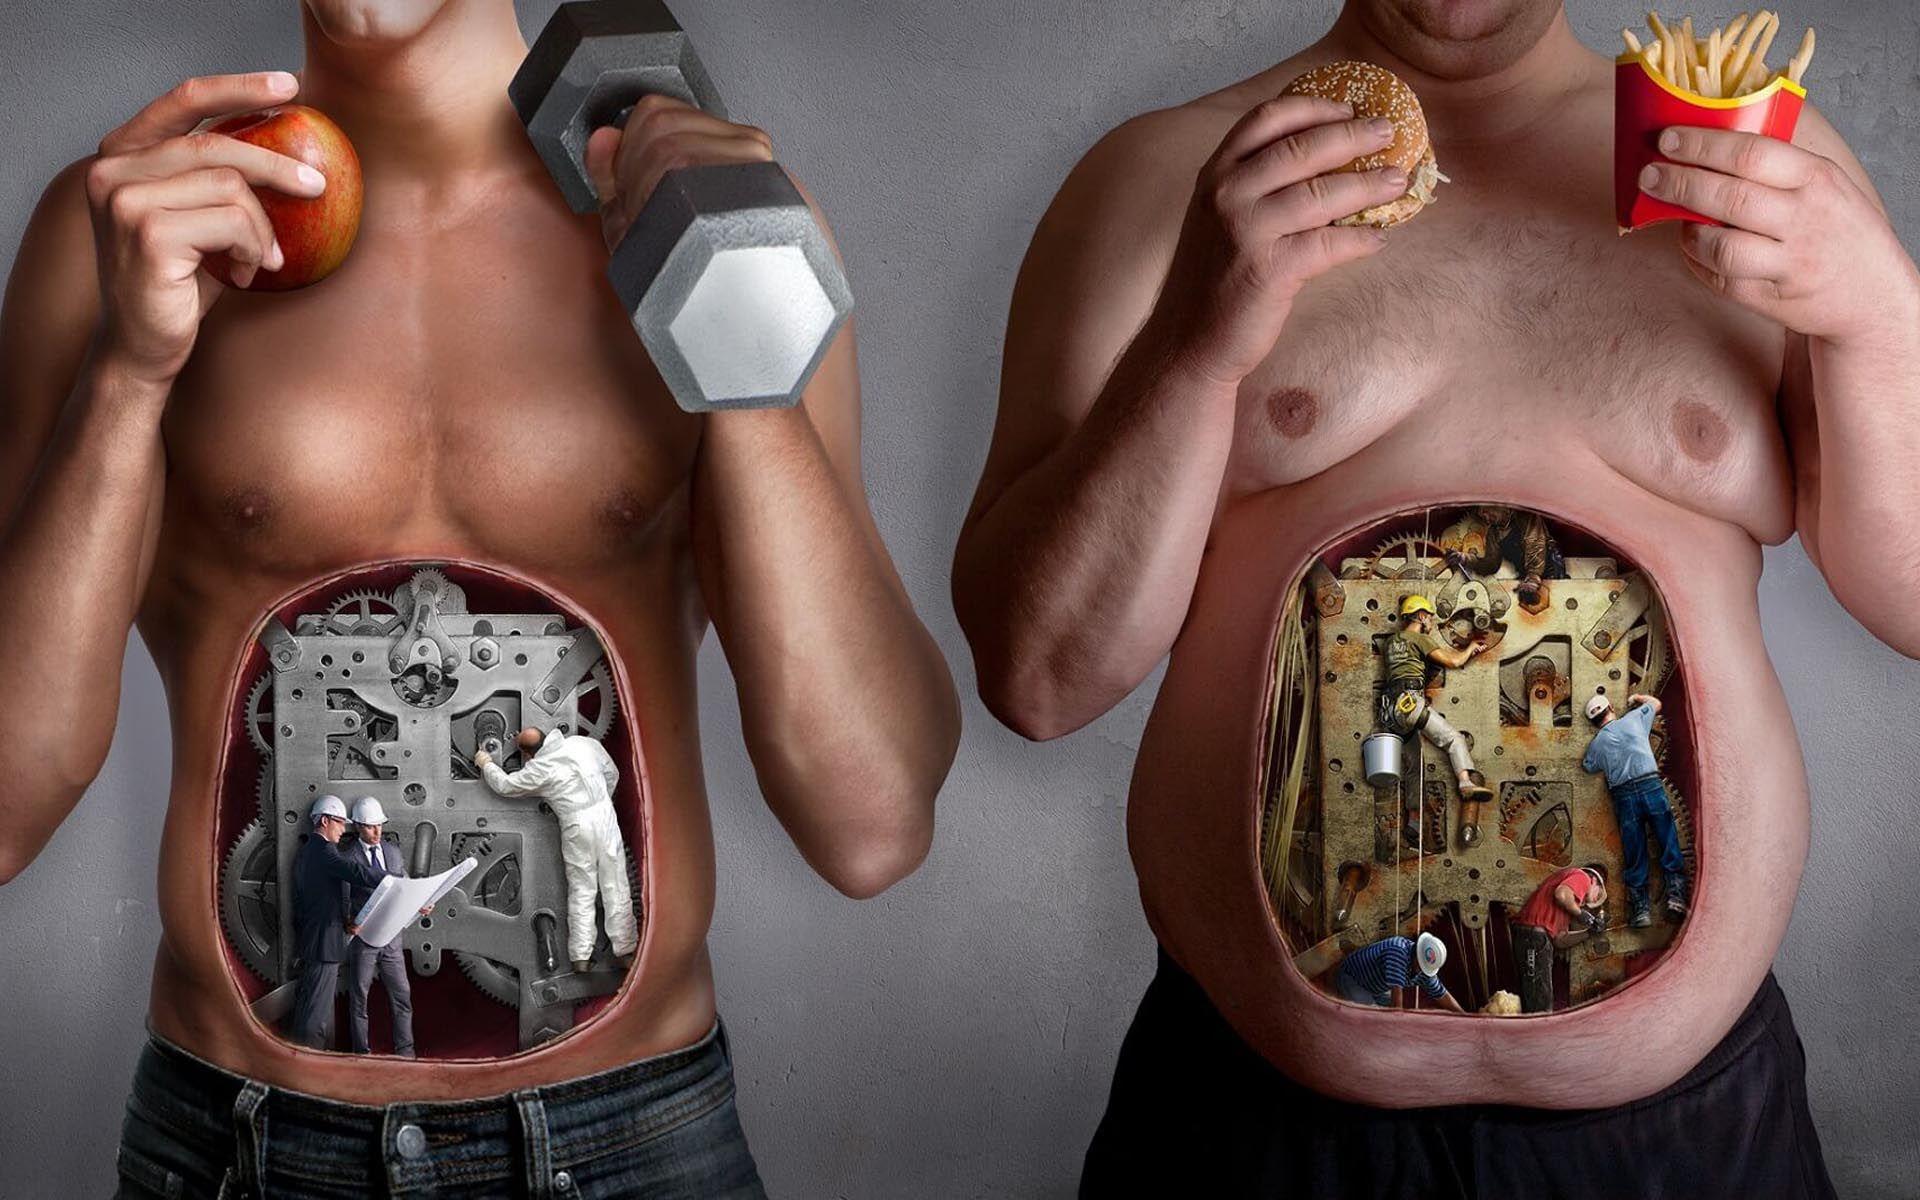 Японские-ученые-выяснили-что-регулярное-употребление-риса-поможет-избежать-ожирения.jpg (1920×1200)